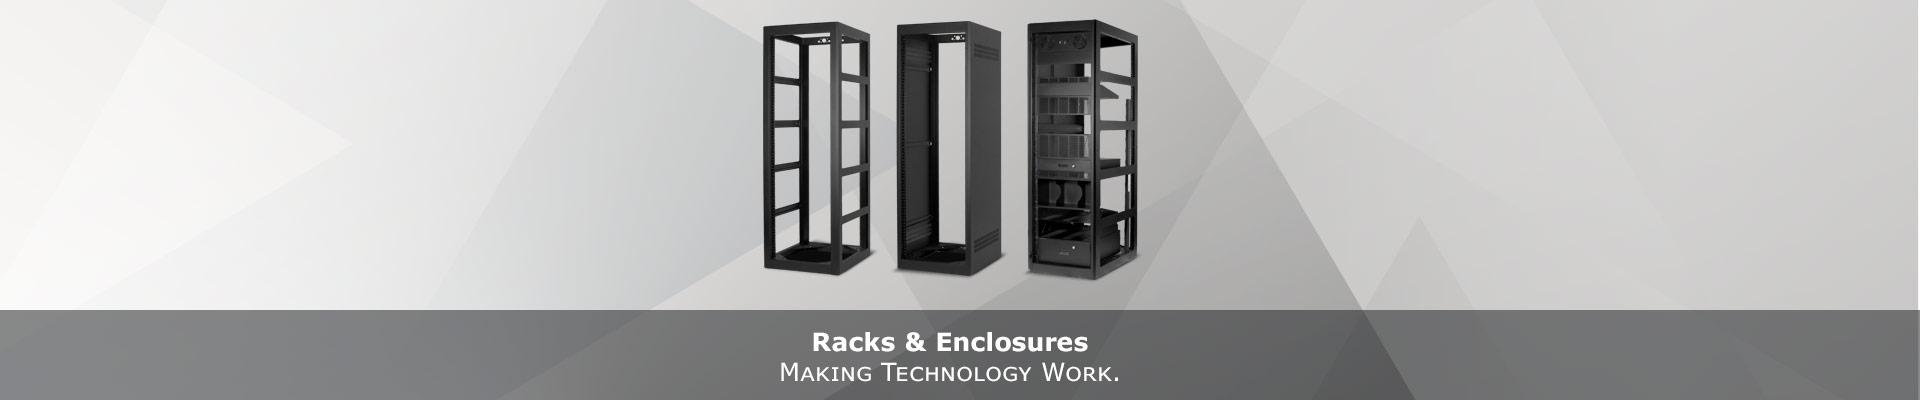 Racks & Enclosures